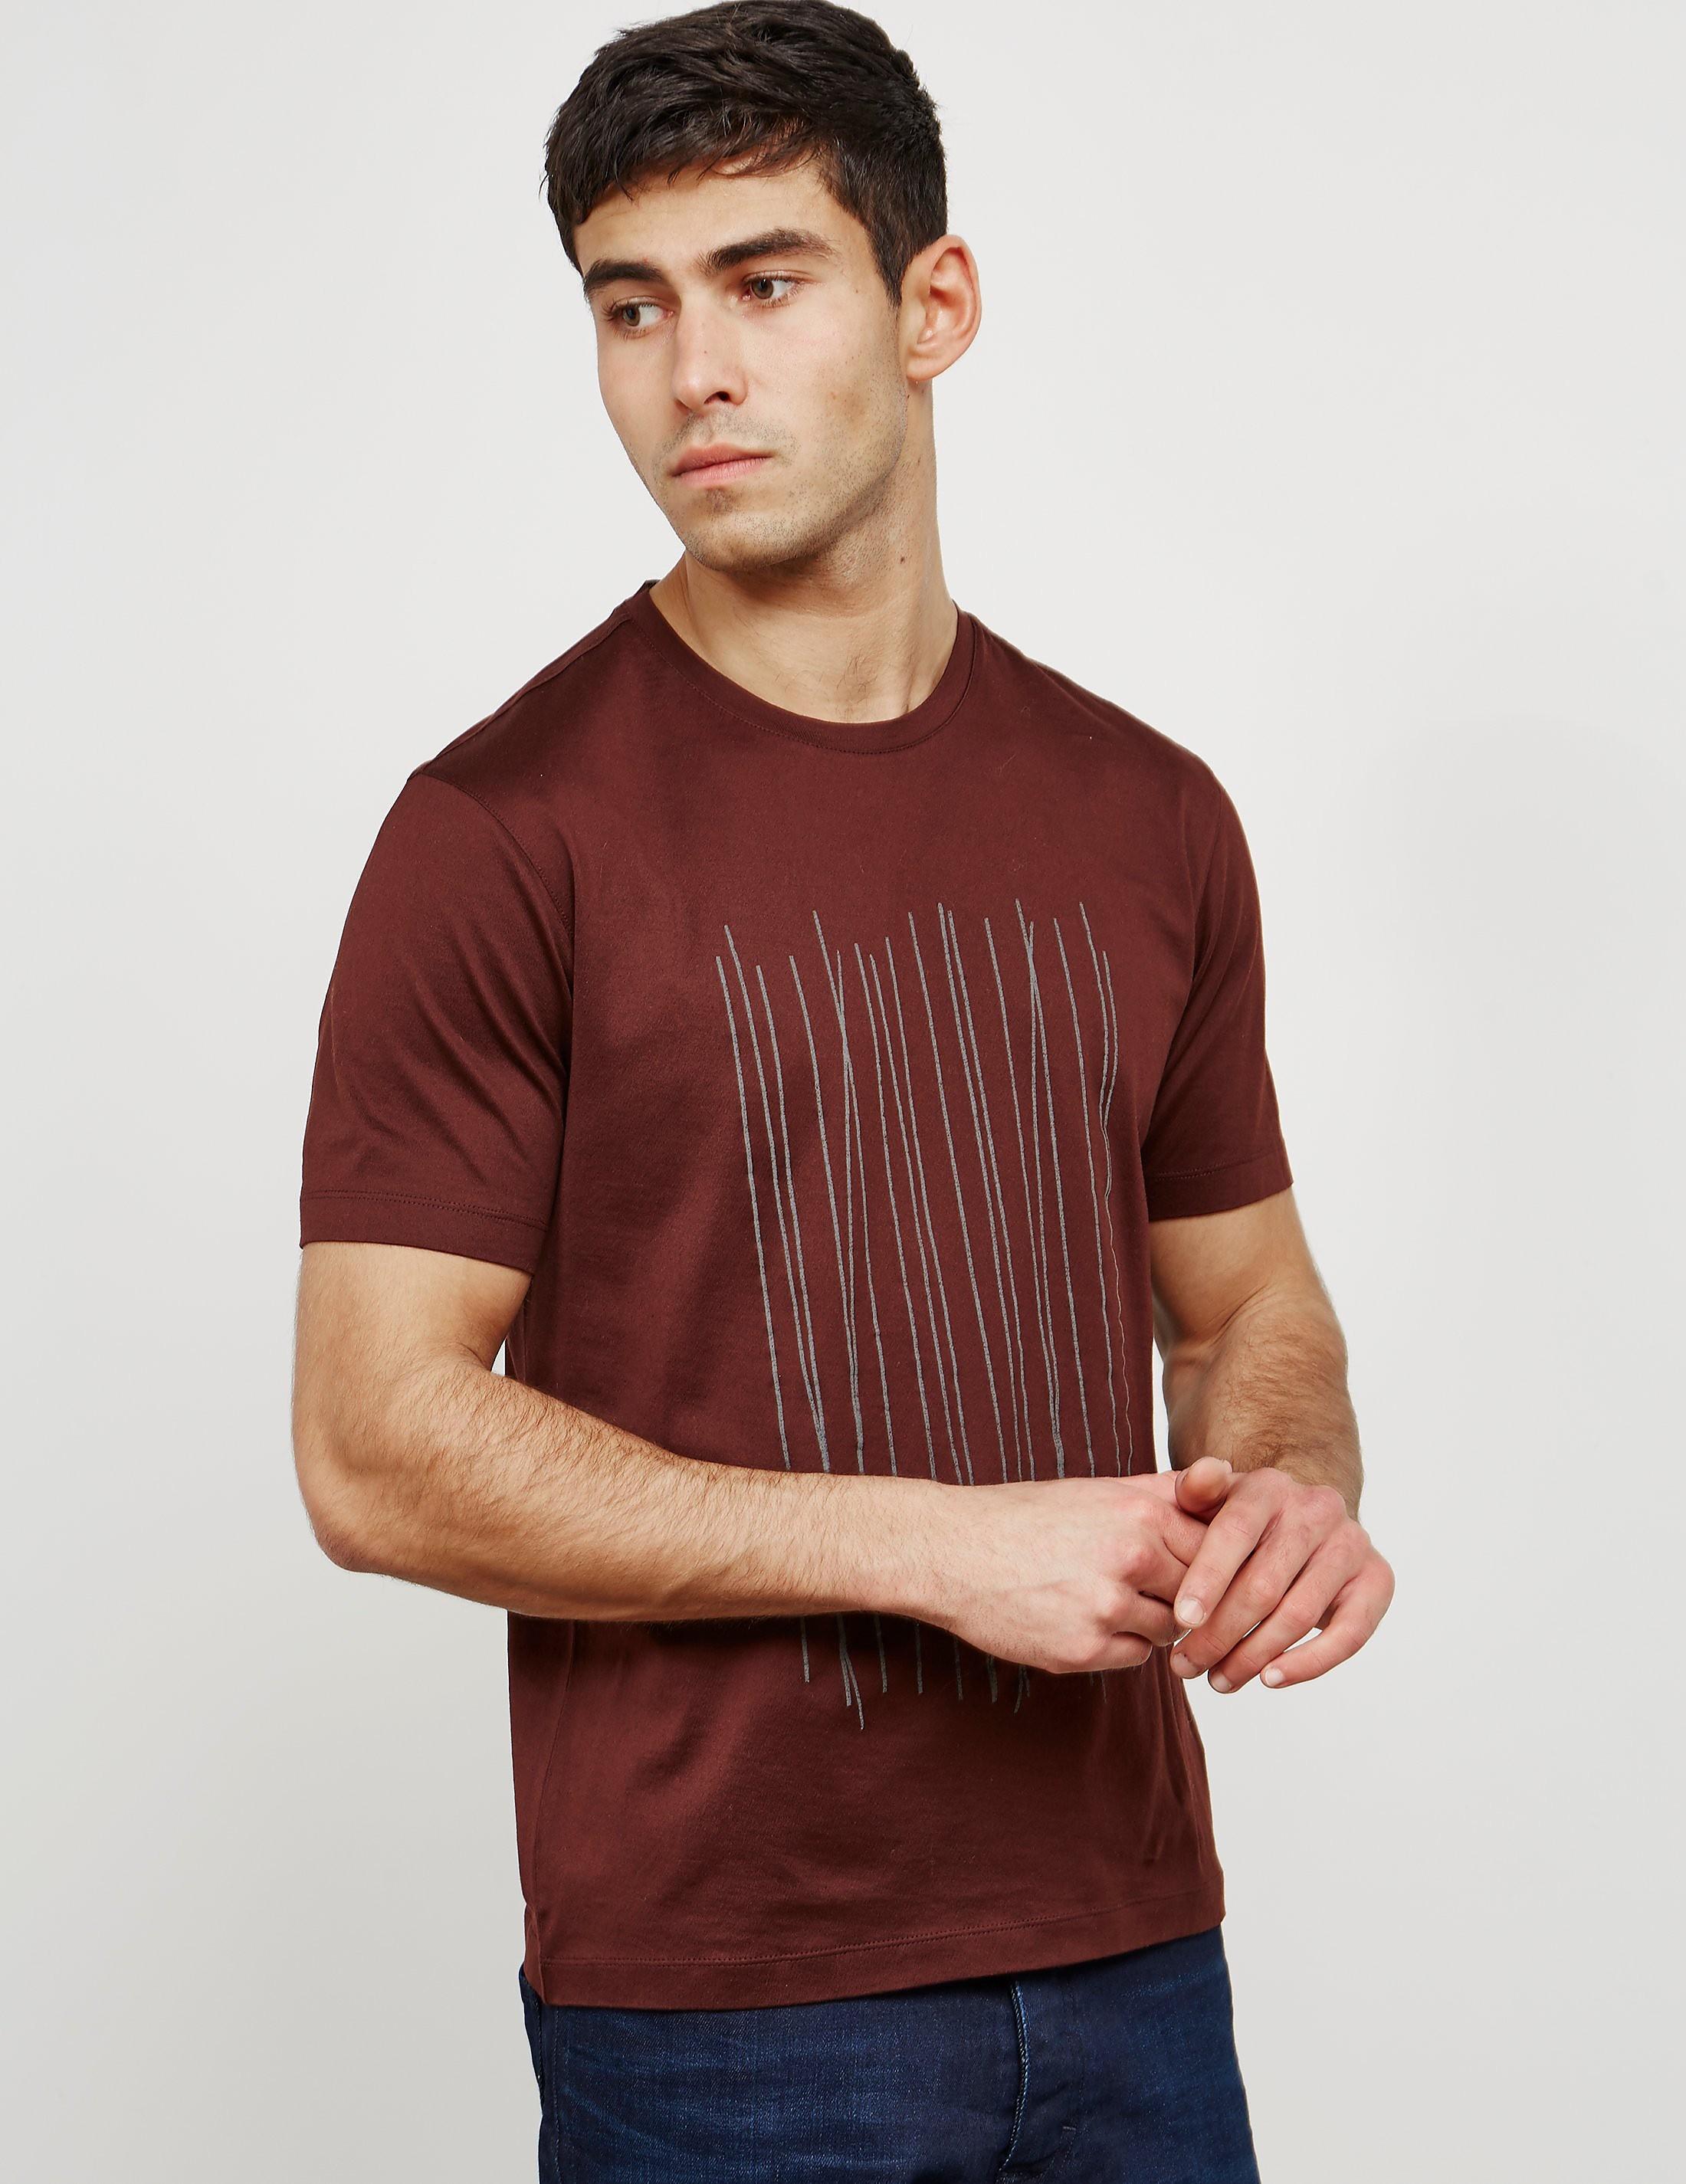 Zegna Sport Line Short Sleeve T-Shirt